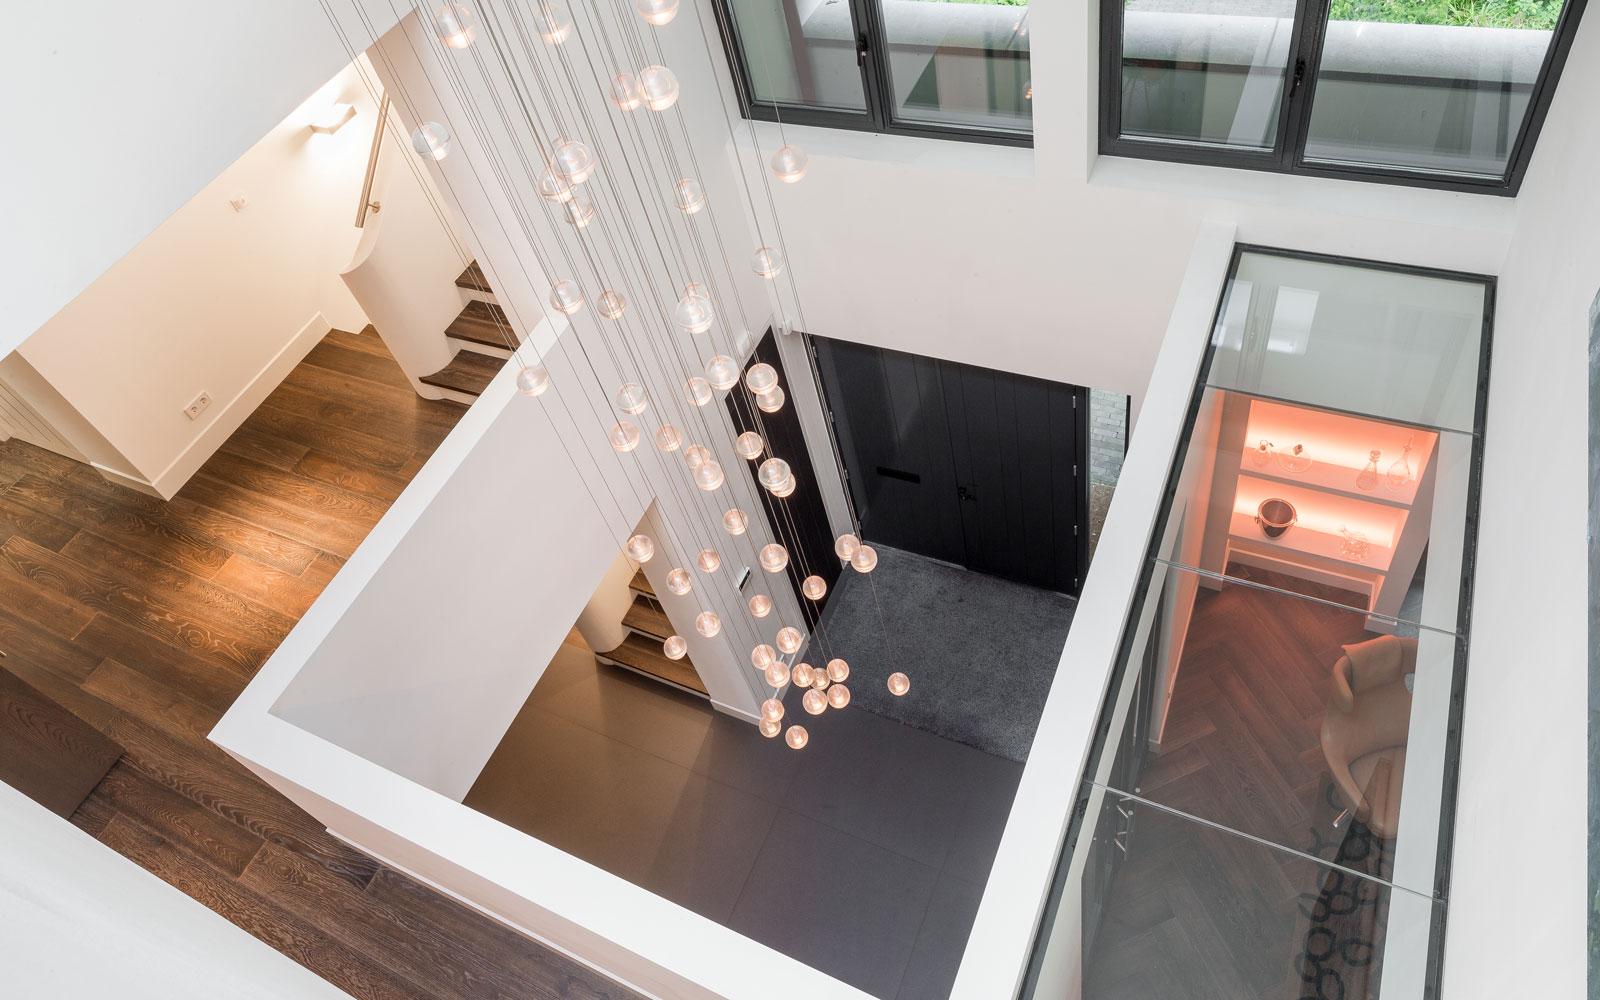 Licht, lichtinval, vide, Bocci, verlichting, prominente plek, klassieke villa, François Hannes